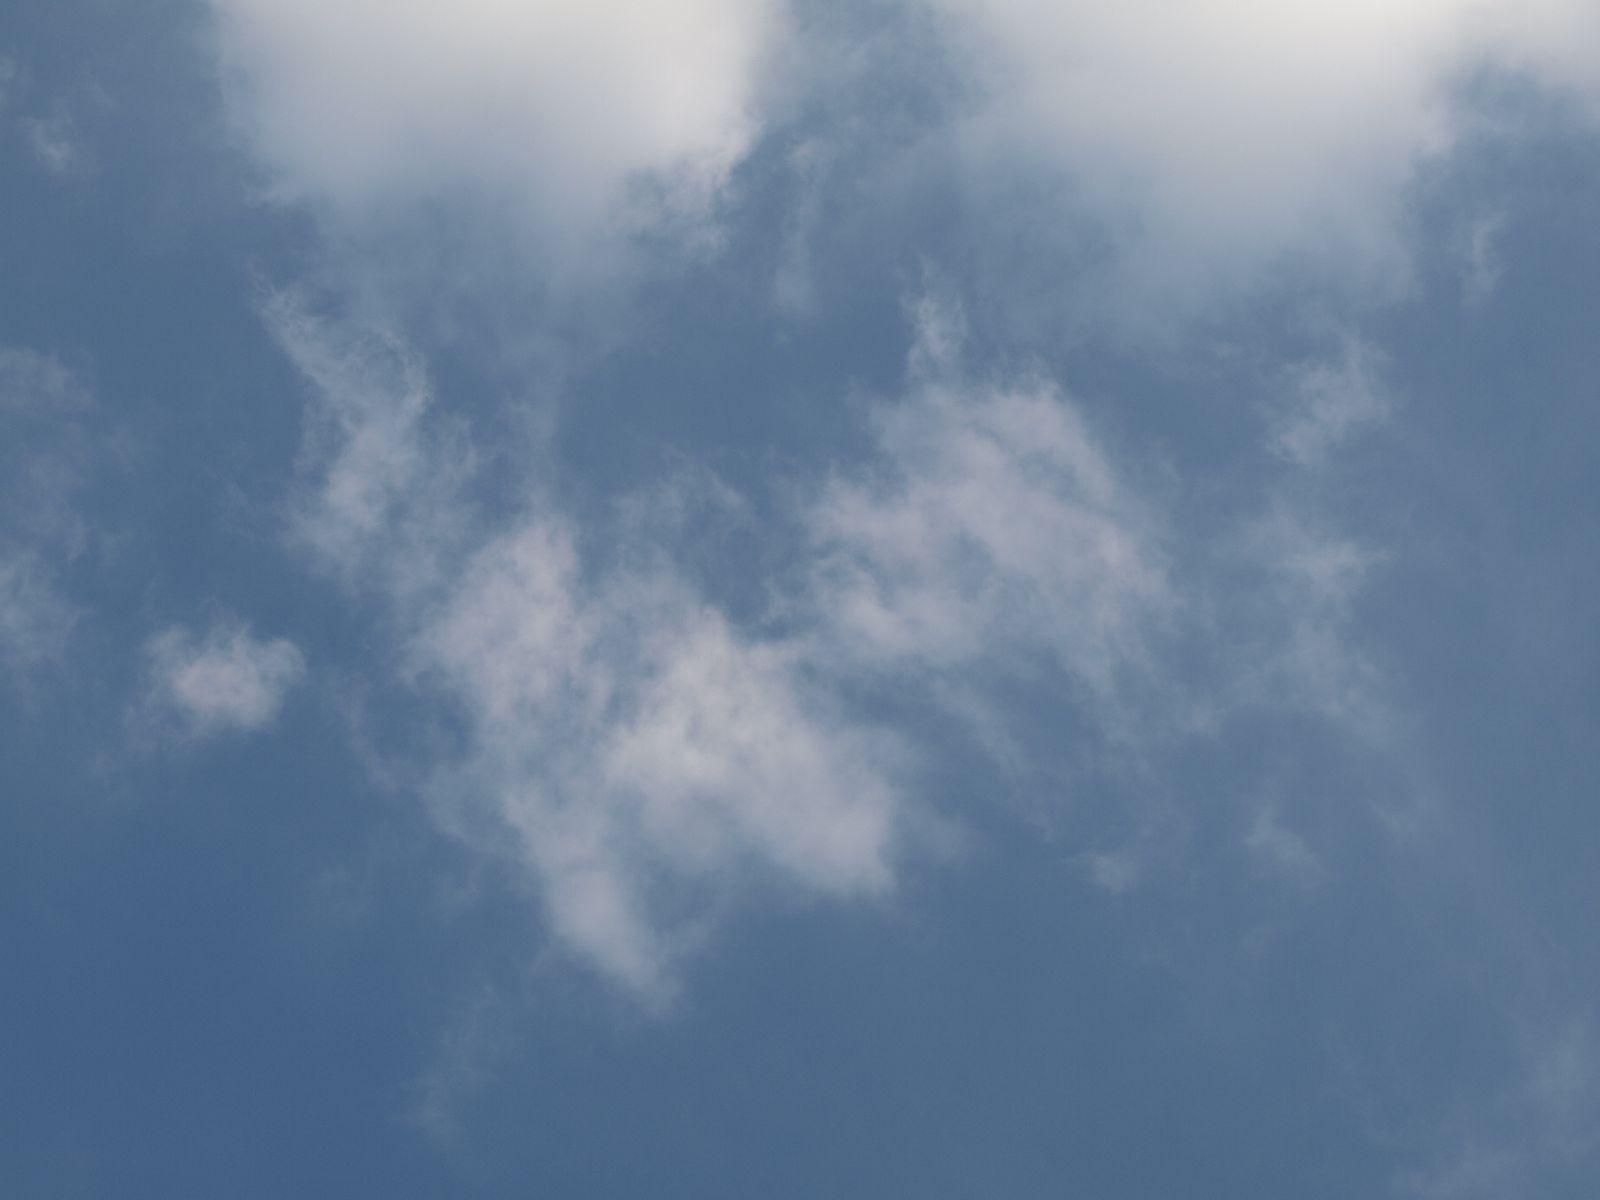 Himmel-Wolken-Foto_Textur_A_P9205296